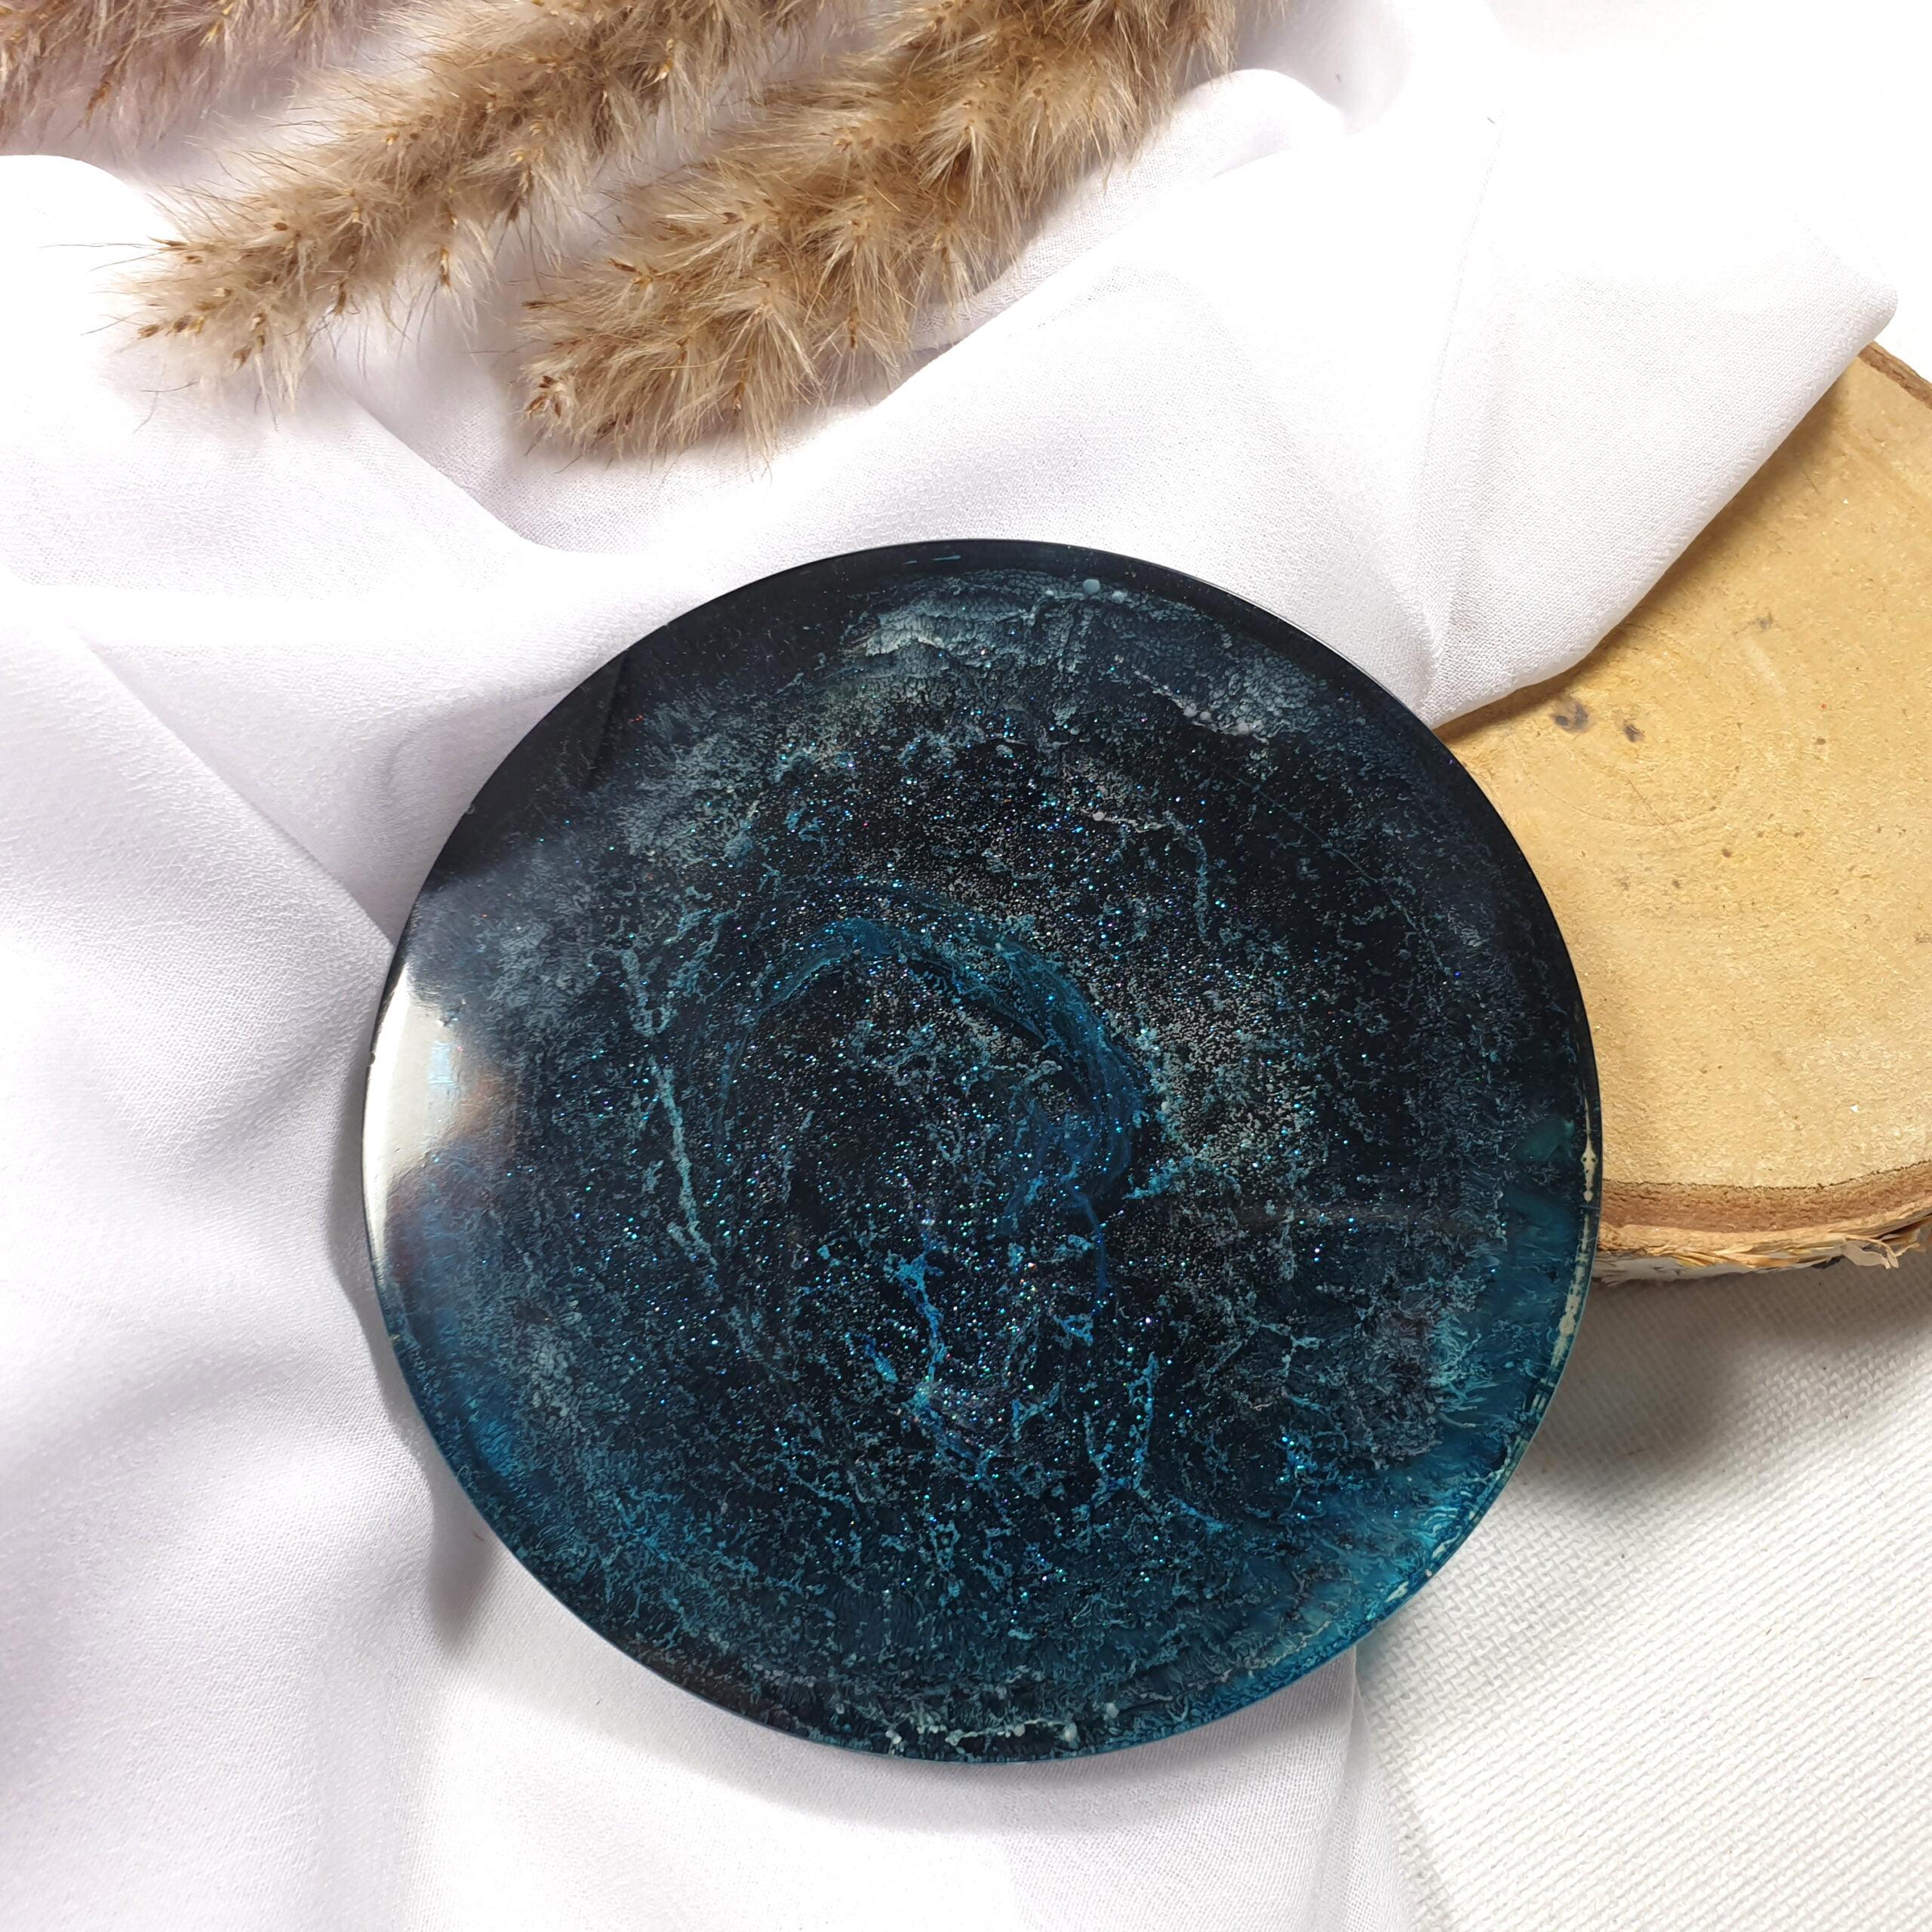 Skrząca podkładka czarno-niebieska - Smocze Skarby